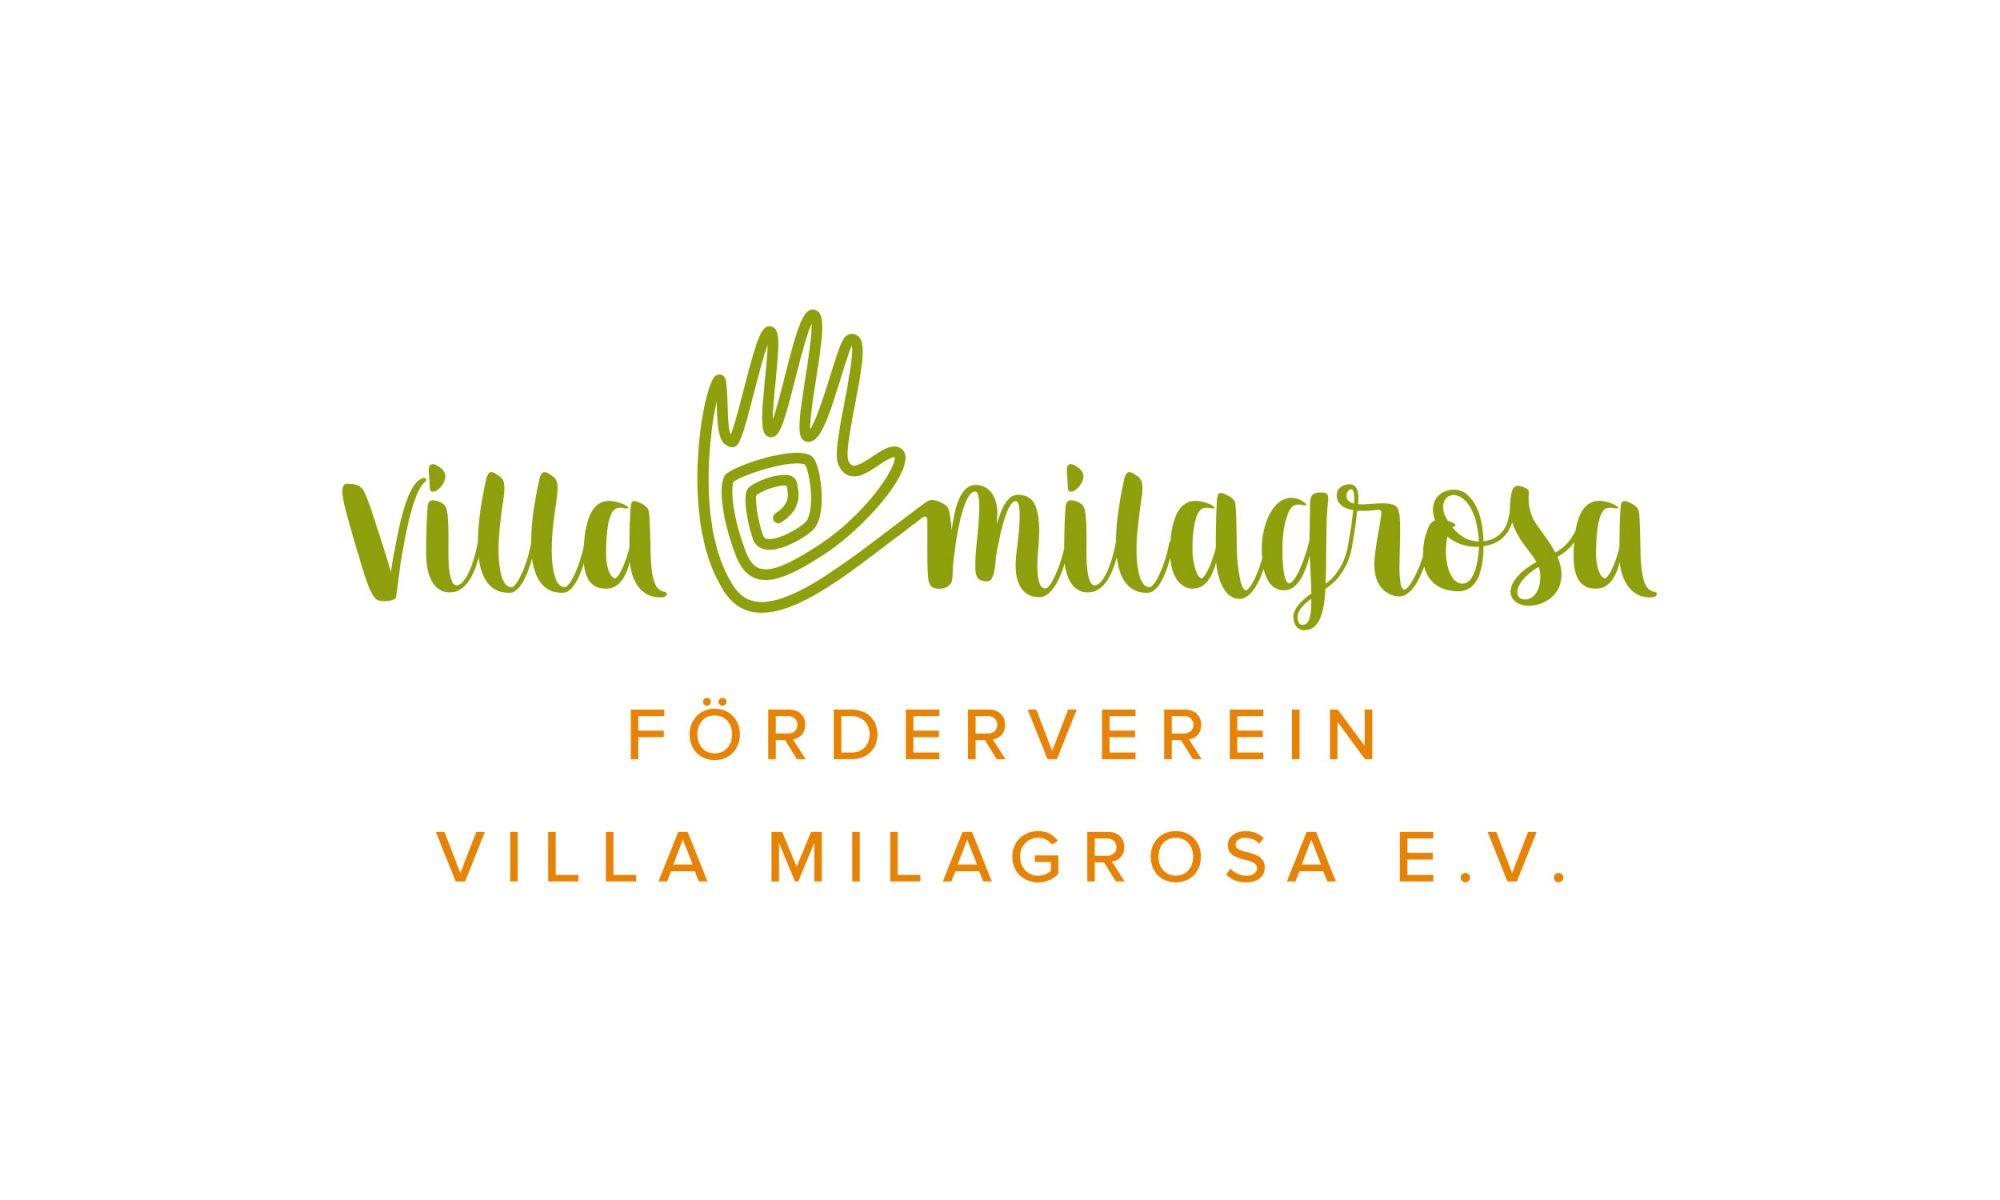 Förderverein Villa Milagrosa e.V.